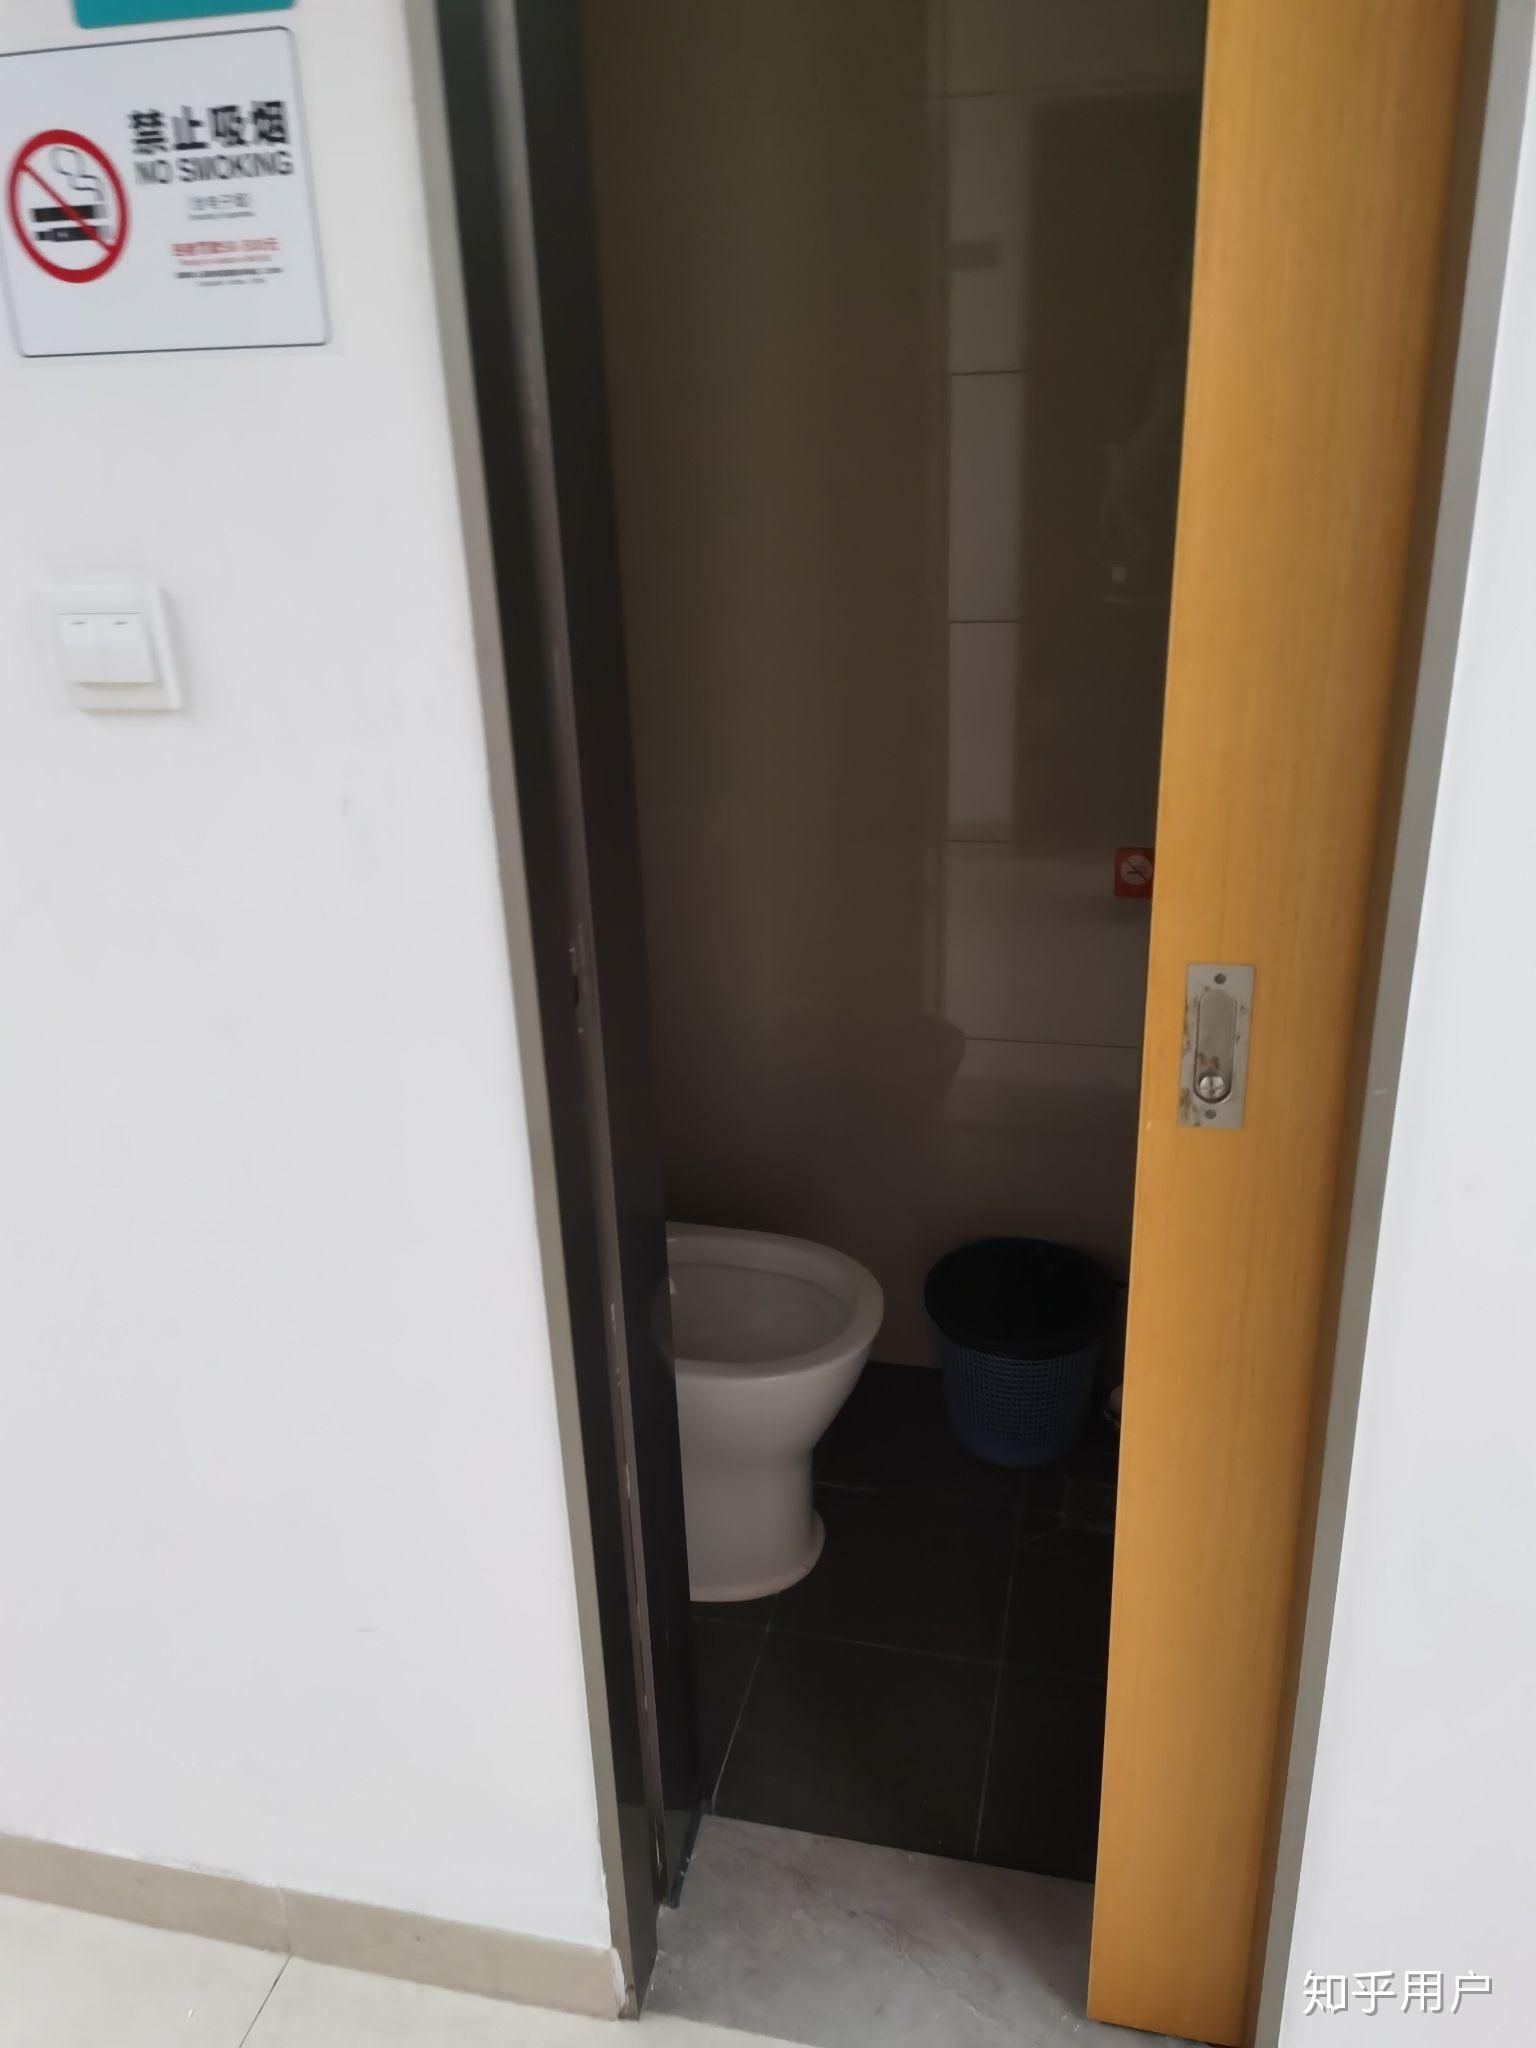 改造出的小厕所